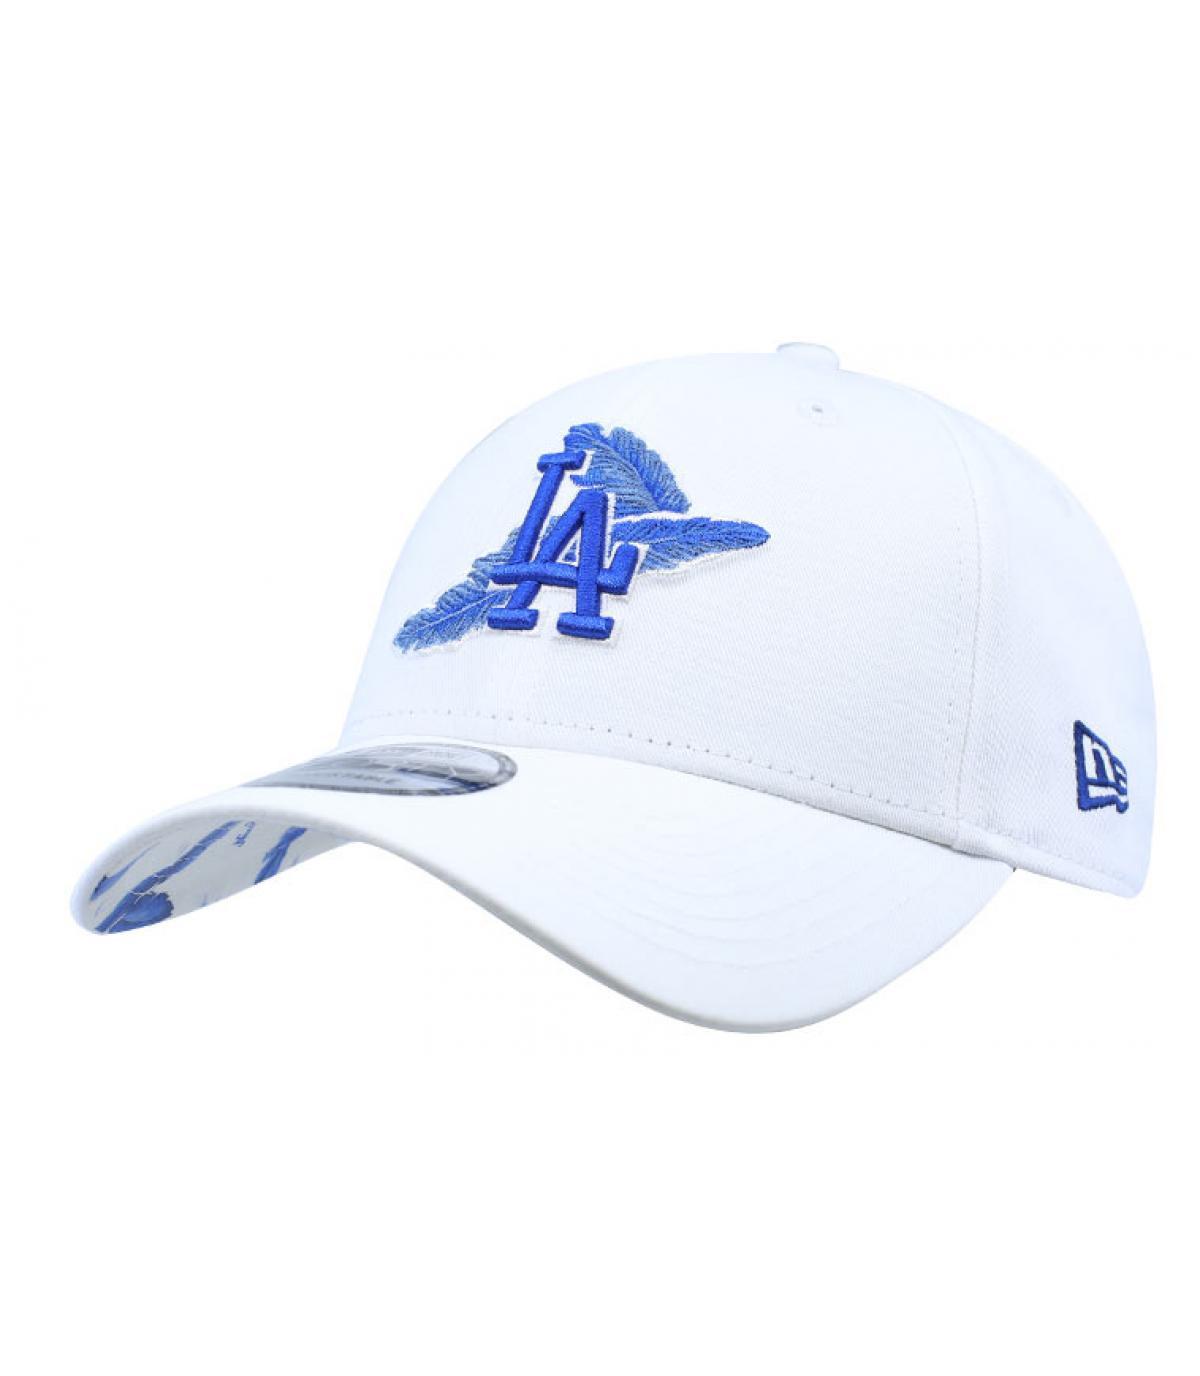 Détails Casquette MLB Light Weight LA 9Forty white blue - image 2